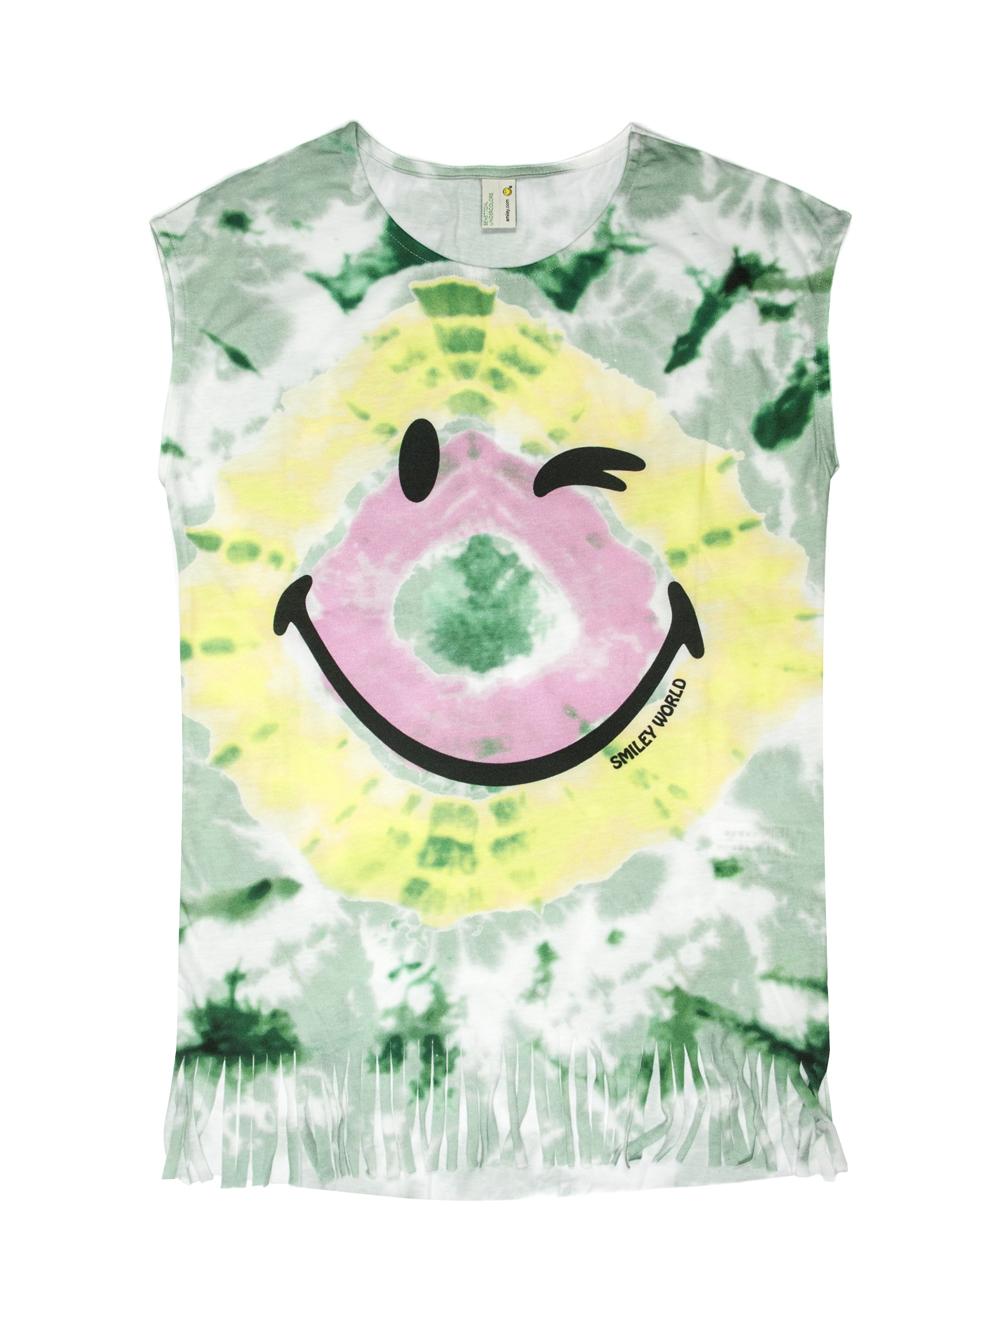 Smiley_Benetton_tshirts_alta